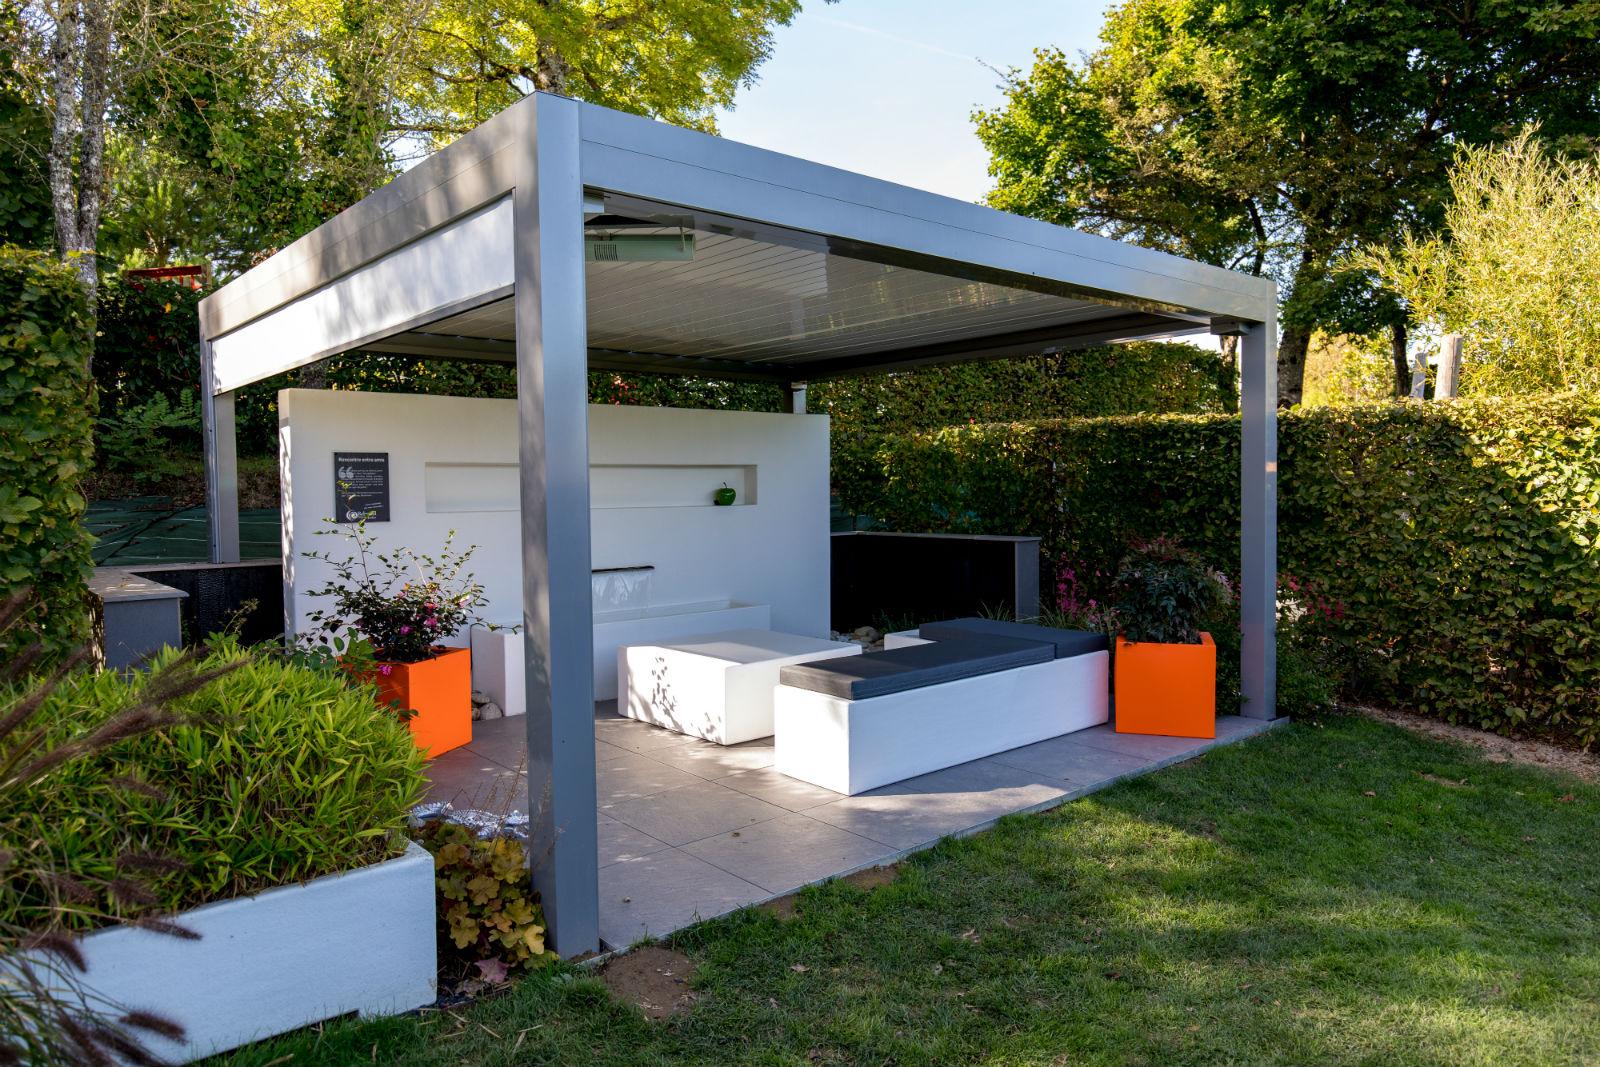 Notre jardin d 39 exposition rebeyrol cr ateur de jardins for Amenagement jardin limoges